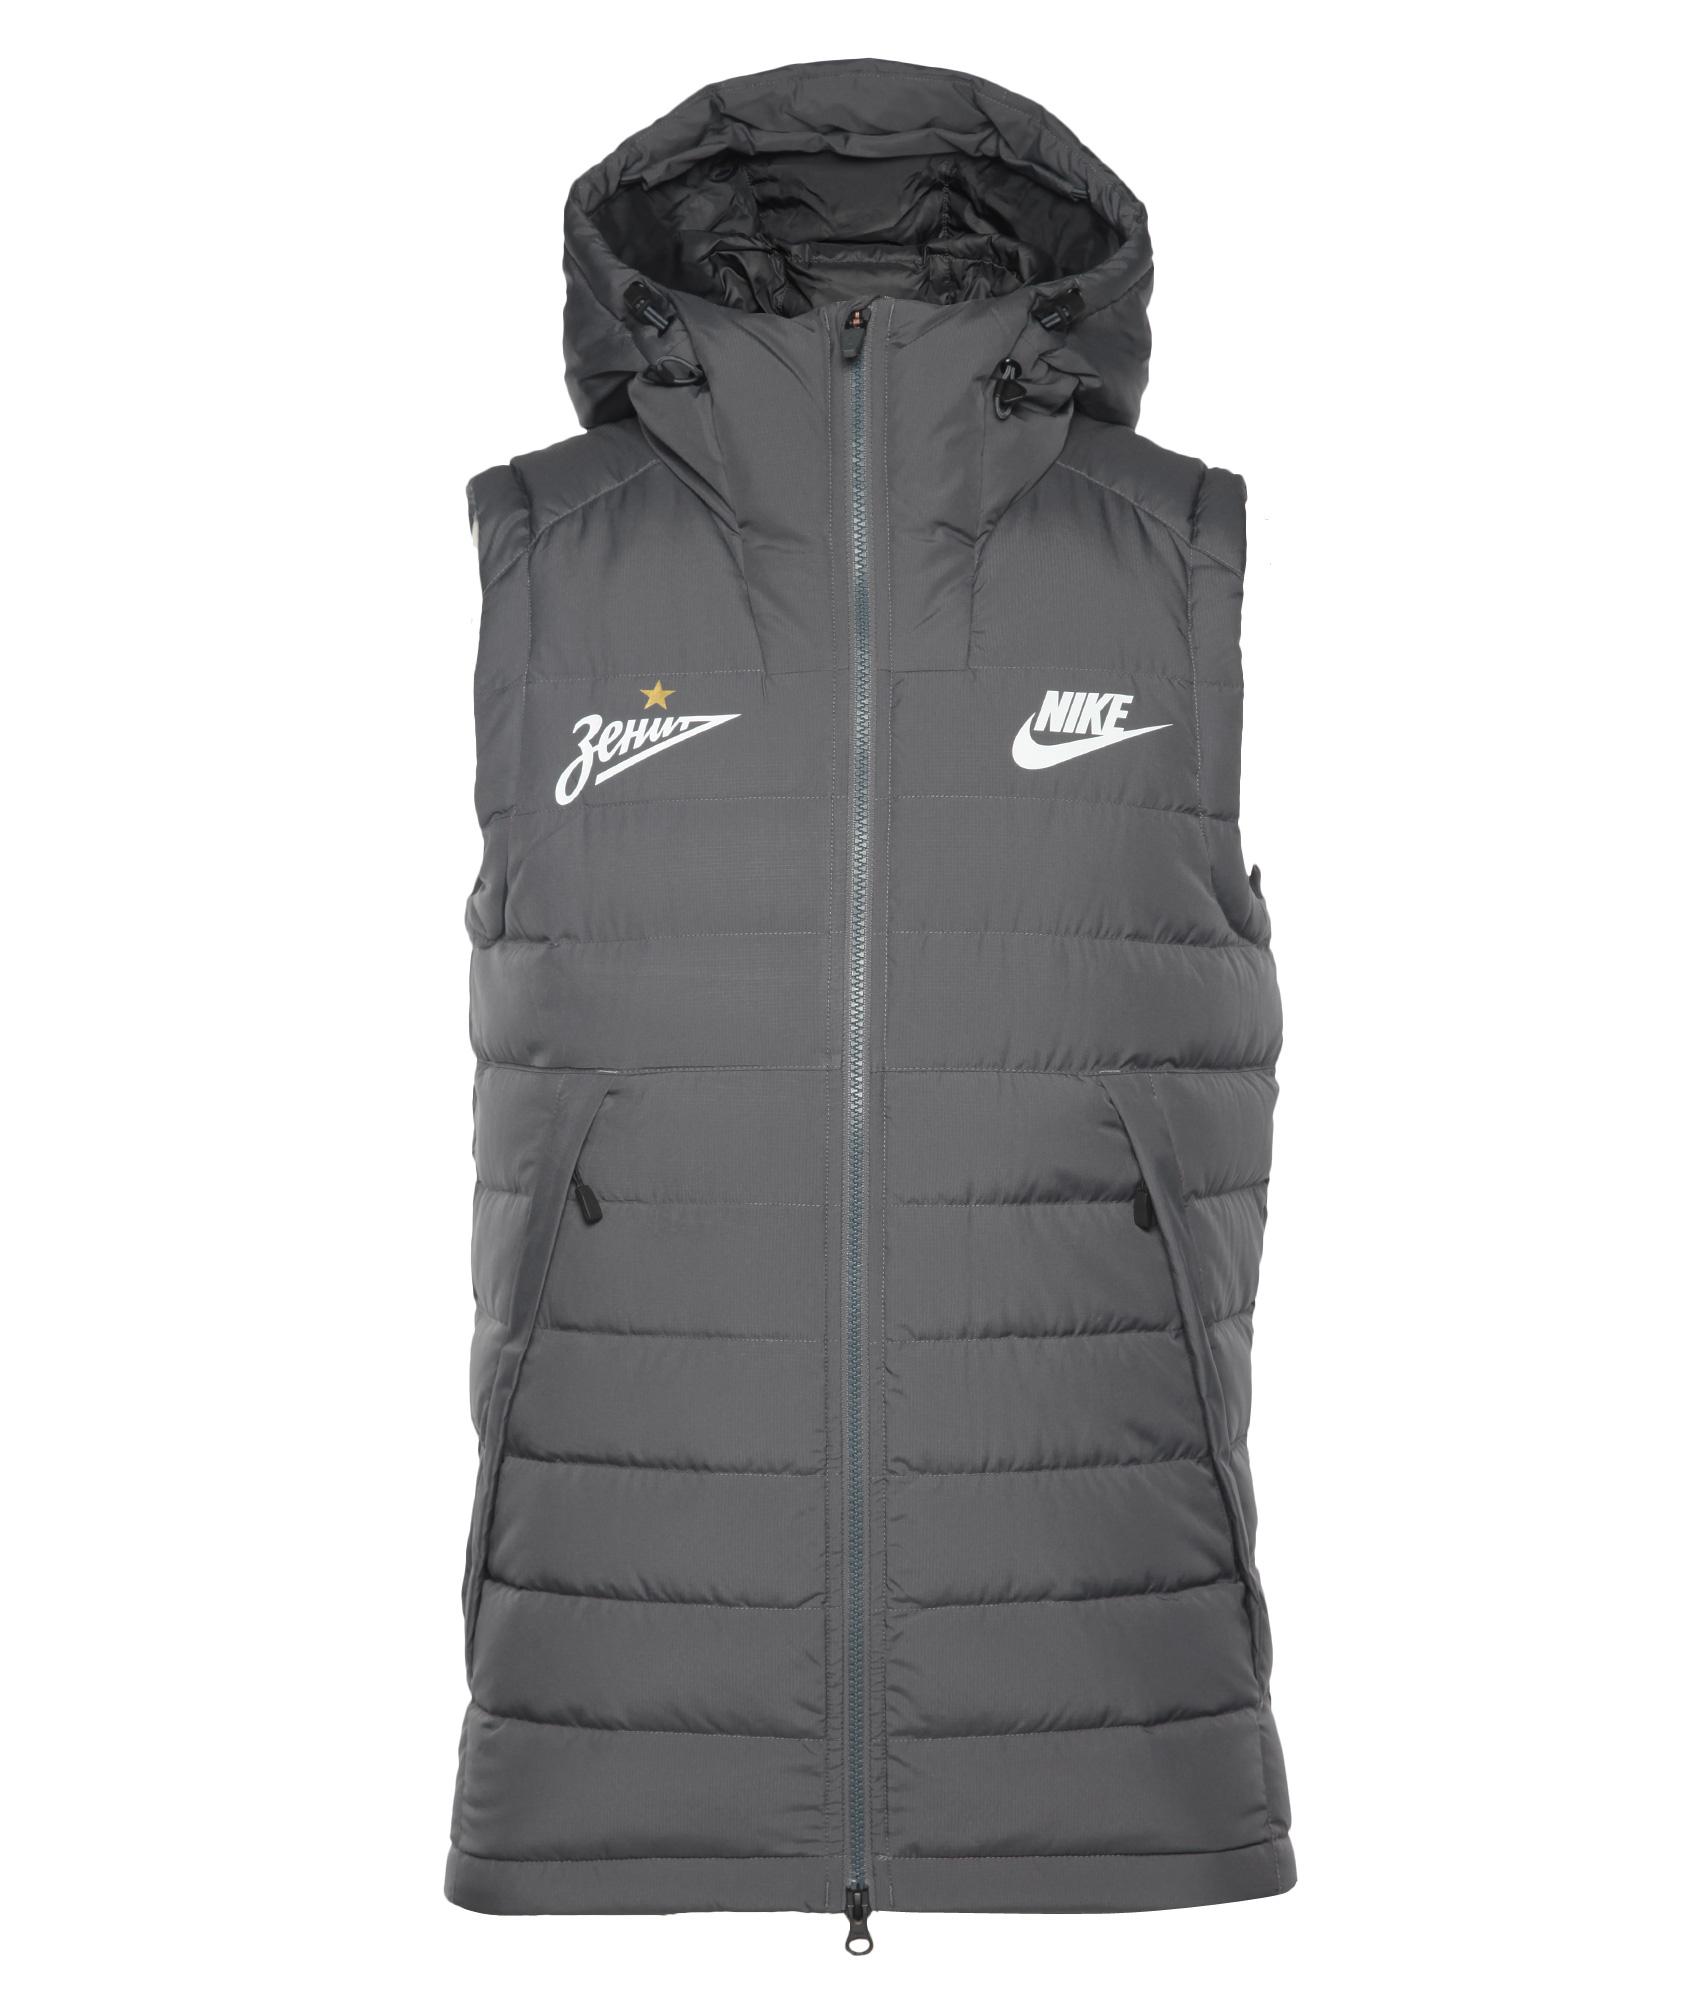 Жилет Nike, Цвет-Серый, Размер-S найк борзов найк борзов избранное ii